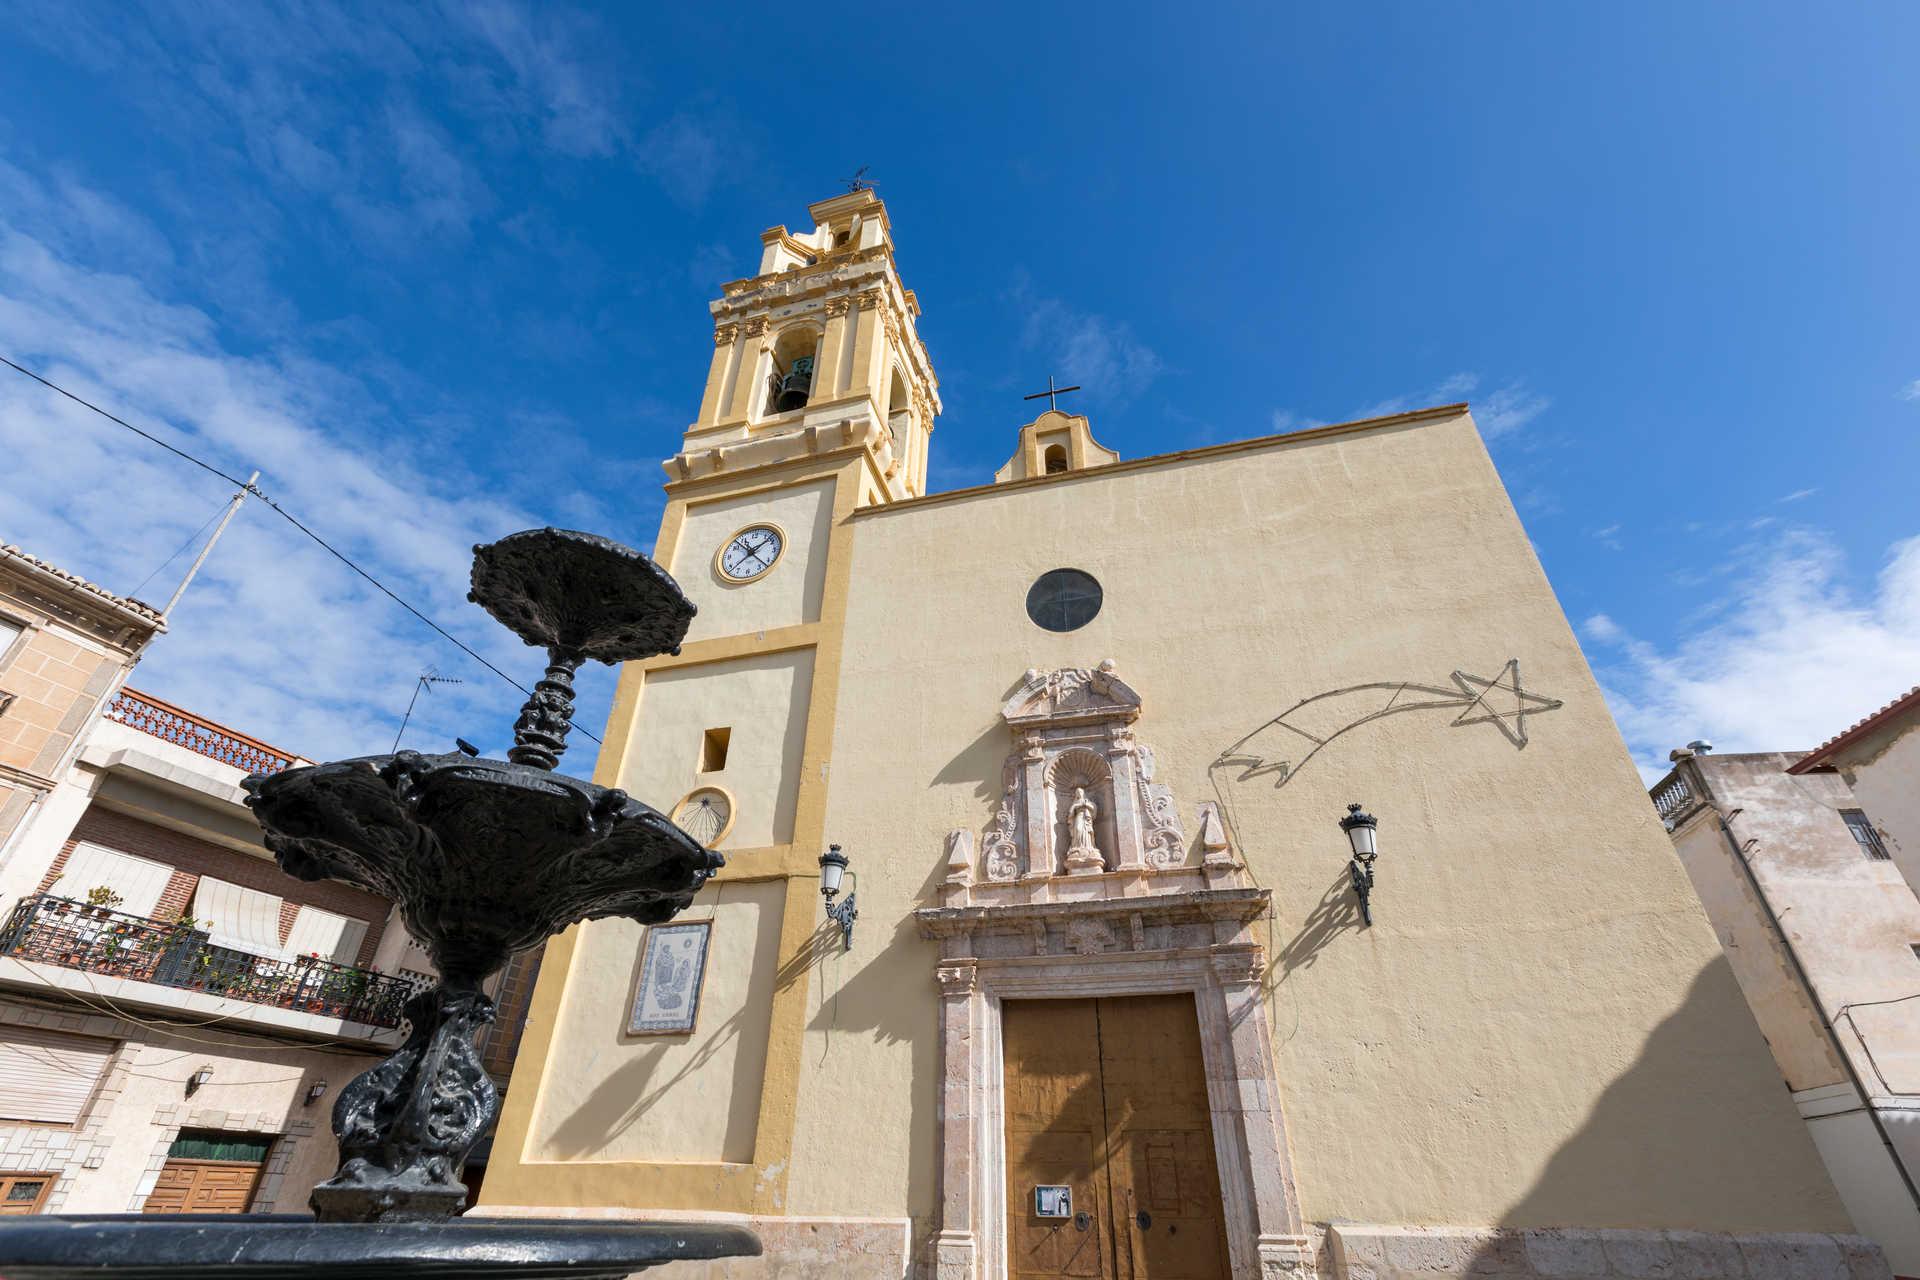 The church of La Puríssima